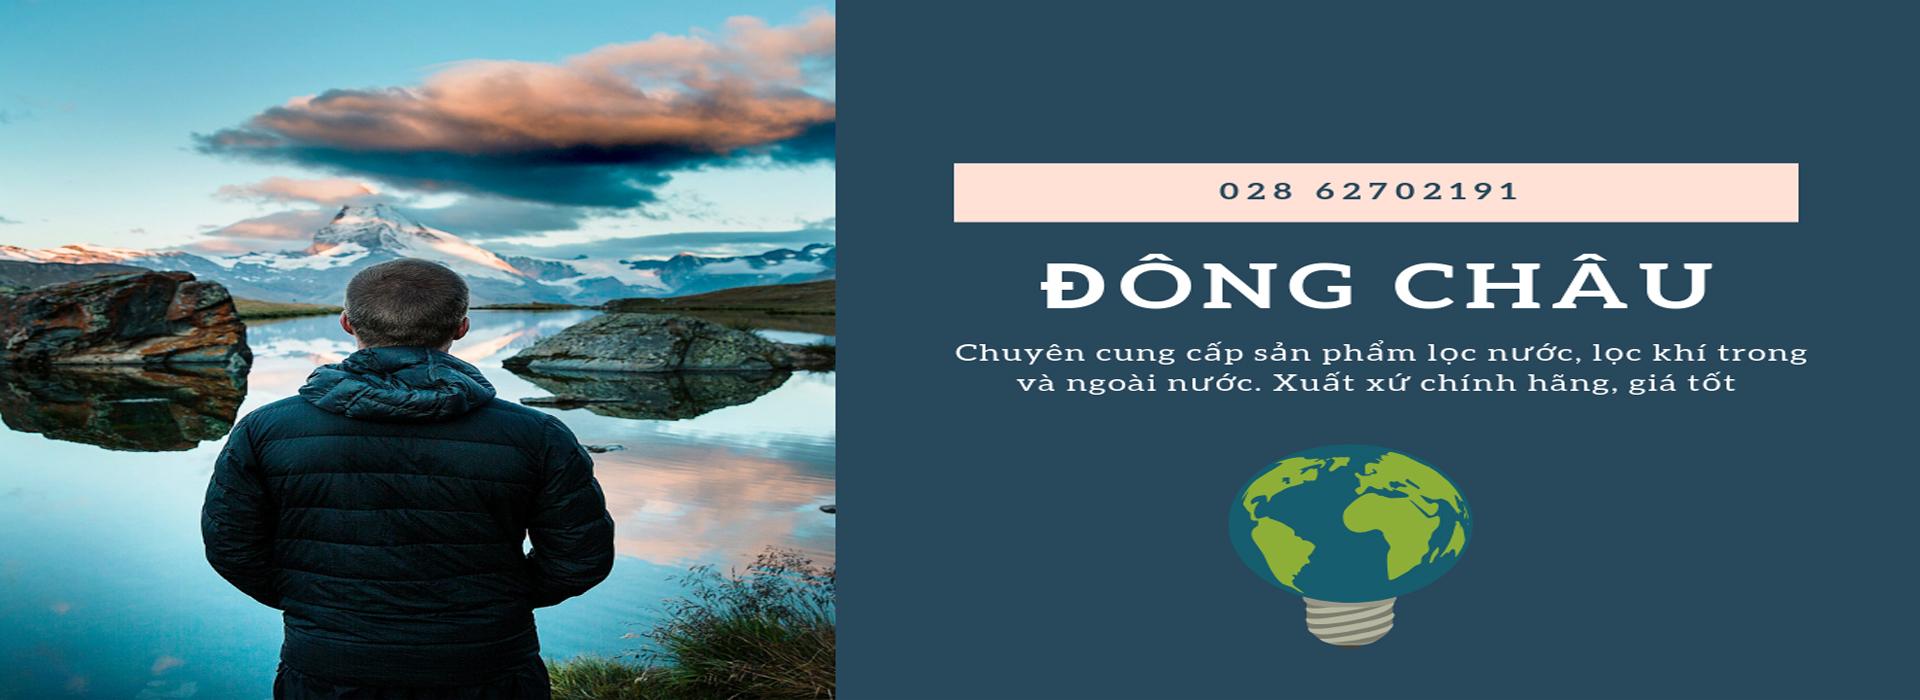 Dongchau.company